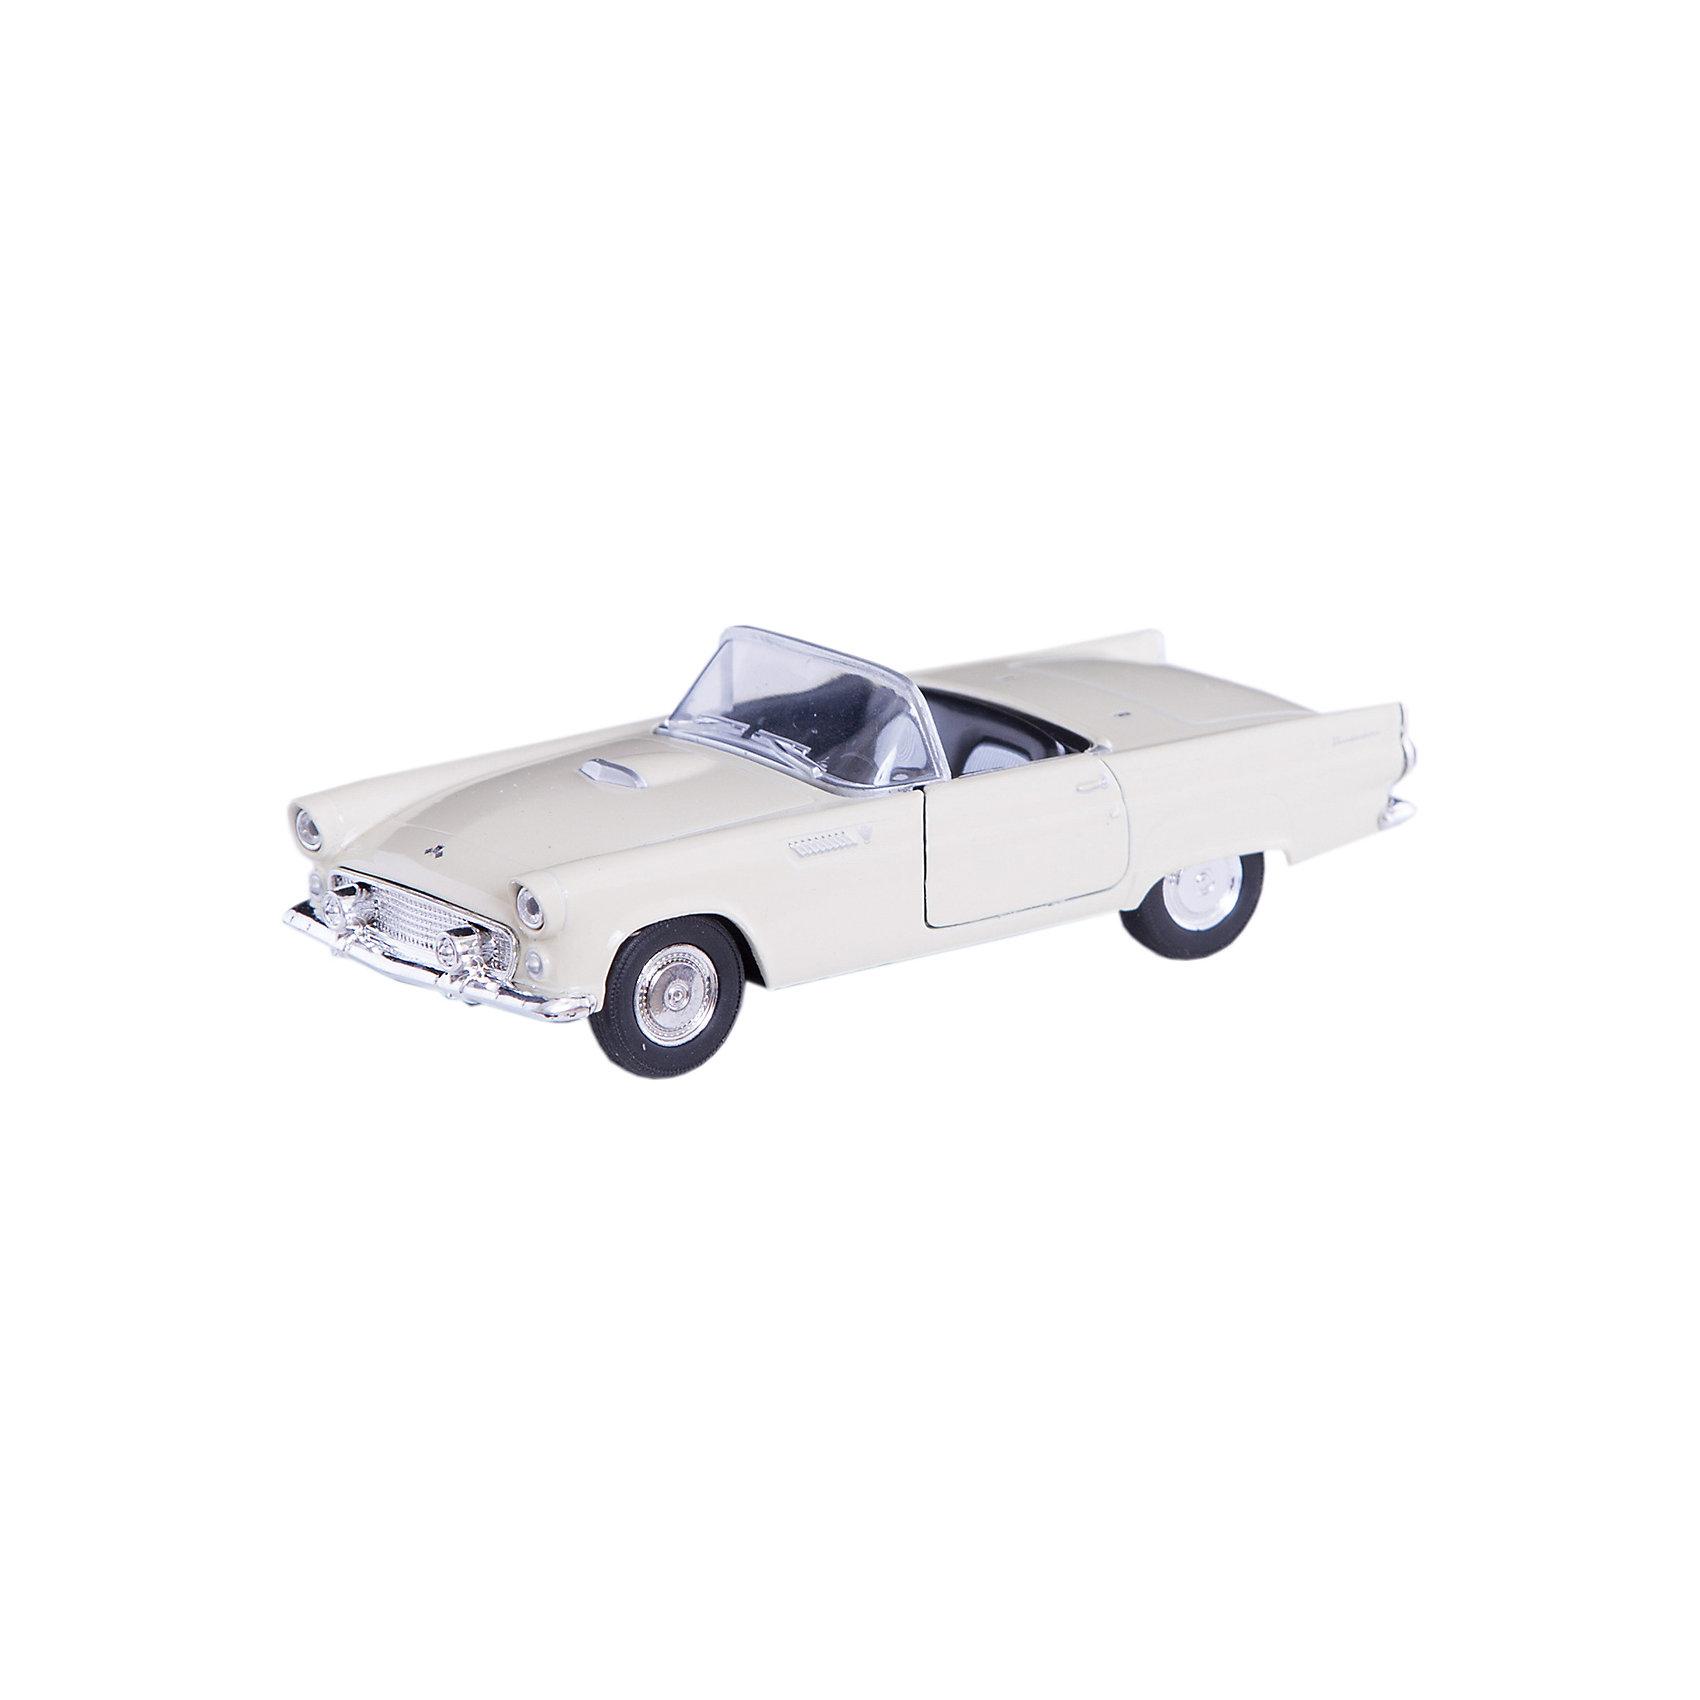 Модель винтажной машины 1:34-39 Ford Thunderbird 1955, WellyКоллекционные модели<br>Модель винтажной машины Ford Thunderbird 1955, Welly (Велли) станет замечательным подарком для автолюбителей и коллекционеров всех возрастов. В коллекции масштабных моделей Welly представлено все многообразие автотехники: ретро-автомобили, легковые автомобили различных марок, грузовики, автомобили городских служб и многое другое. Все машинки отличаются высокой степенью детализации и тщательной проработкой всех элементов.<br><br>Машинка Ford Thunderbird 1955 представляет собой точную копию настоящего ретро-автомобиля в масштабе 1:34-39. Автомобиль Ford Thunderbird был выпущен в 1955 году и отличался необычным для того времени дизайном и повышенным комфортом, его название было позаимствовано из мифологии североамериканских индейцев, у которых Громовая Птица (Thunderbird) - дух грозы, молнии и дождя. Модель от Welly оснащена прочным лобовым стеклом, интерьер салона и органы управления тщательно проработаны. Передние двери открываются. Автомобиль снабжен инерционным механизмом, ускоряется при толчке. Корпус модели выполнен из металла, а отделка салона и декоративные элементы из пластика.<br><br>Дополнительная информация:<br><br>- Материал: металл, пластик, колеса прорезиненные.<br>- Масштаб: 1:34-39.<br>- Размер упаковки: 15 х 6 х 12 см.<br>- Вес: 0,15 кг. <br><br>Модель винтажной машины Ford Thunderbird 1955, Welly можно купить в нашем интернет-магазине.<br><br>Ширина мм: 150<br>Глубина мм: 60<br>Высота мм: 110<br>Вес г: 150<br>Возраст от месяцев: 36<br>Возраст до месяцев: 192<br>Пол: Мужской<br>Возраст: Детский<br>SKU: 3777913